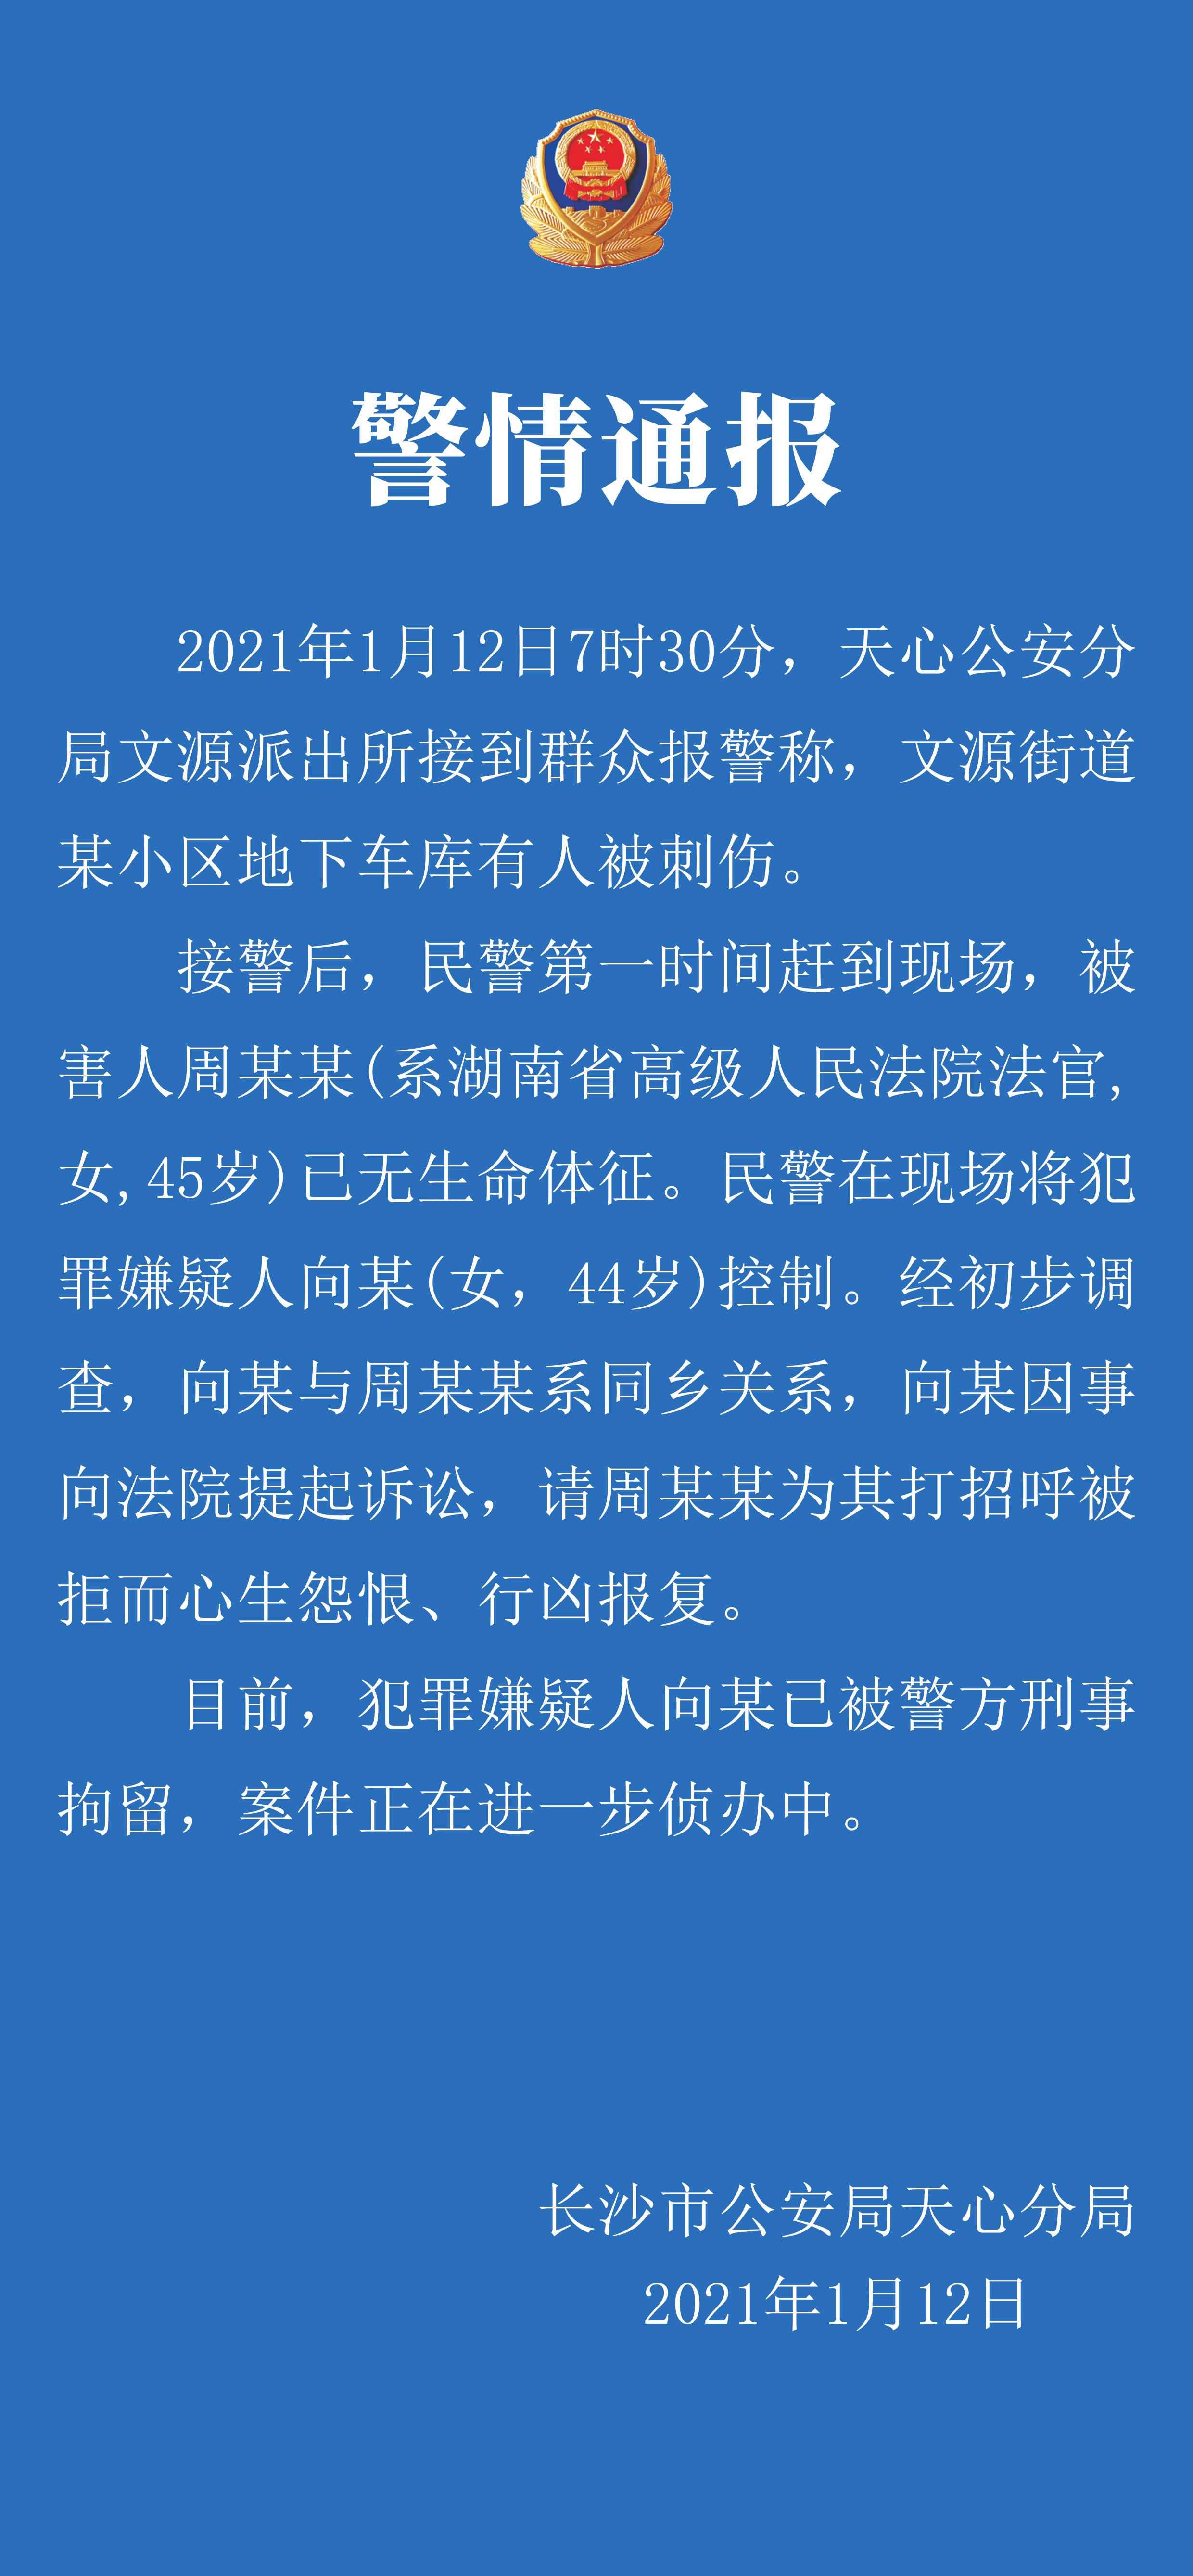 湖南省高院一女副庭长不肯办人情案地库遇害,凶手是死者初中同学加闺蜜,应聘小区当保洁伺机行凶